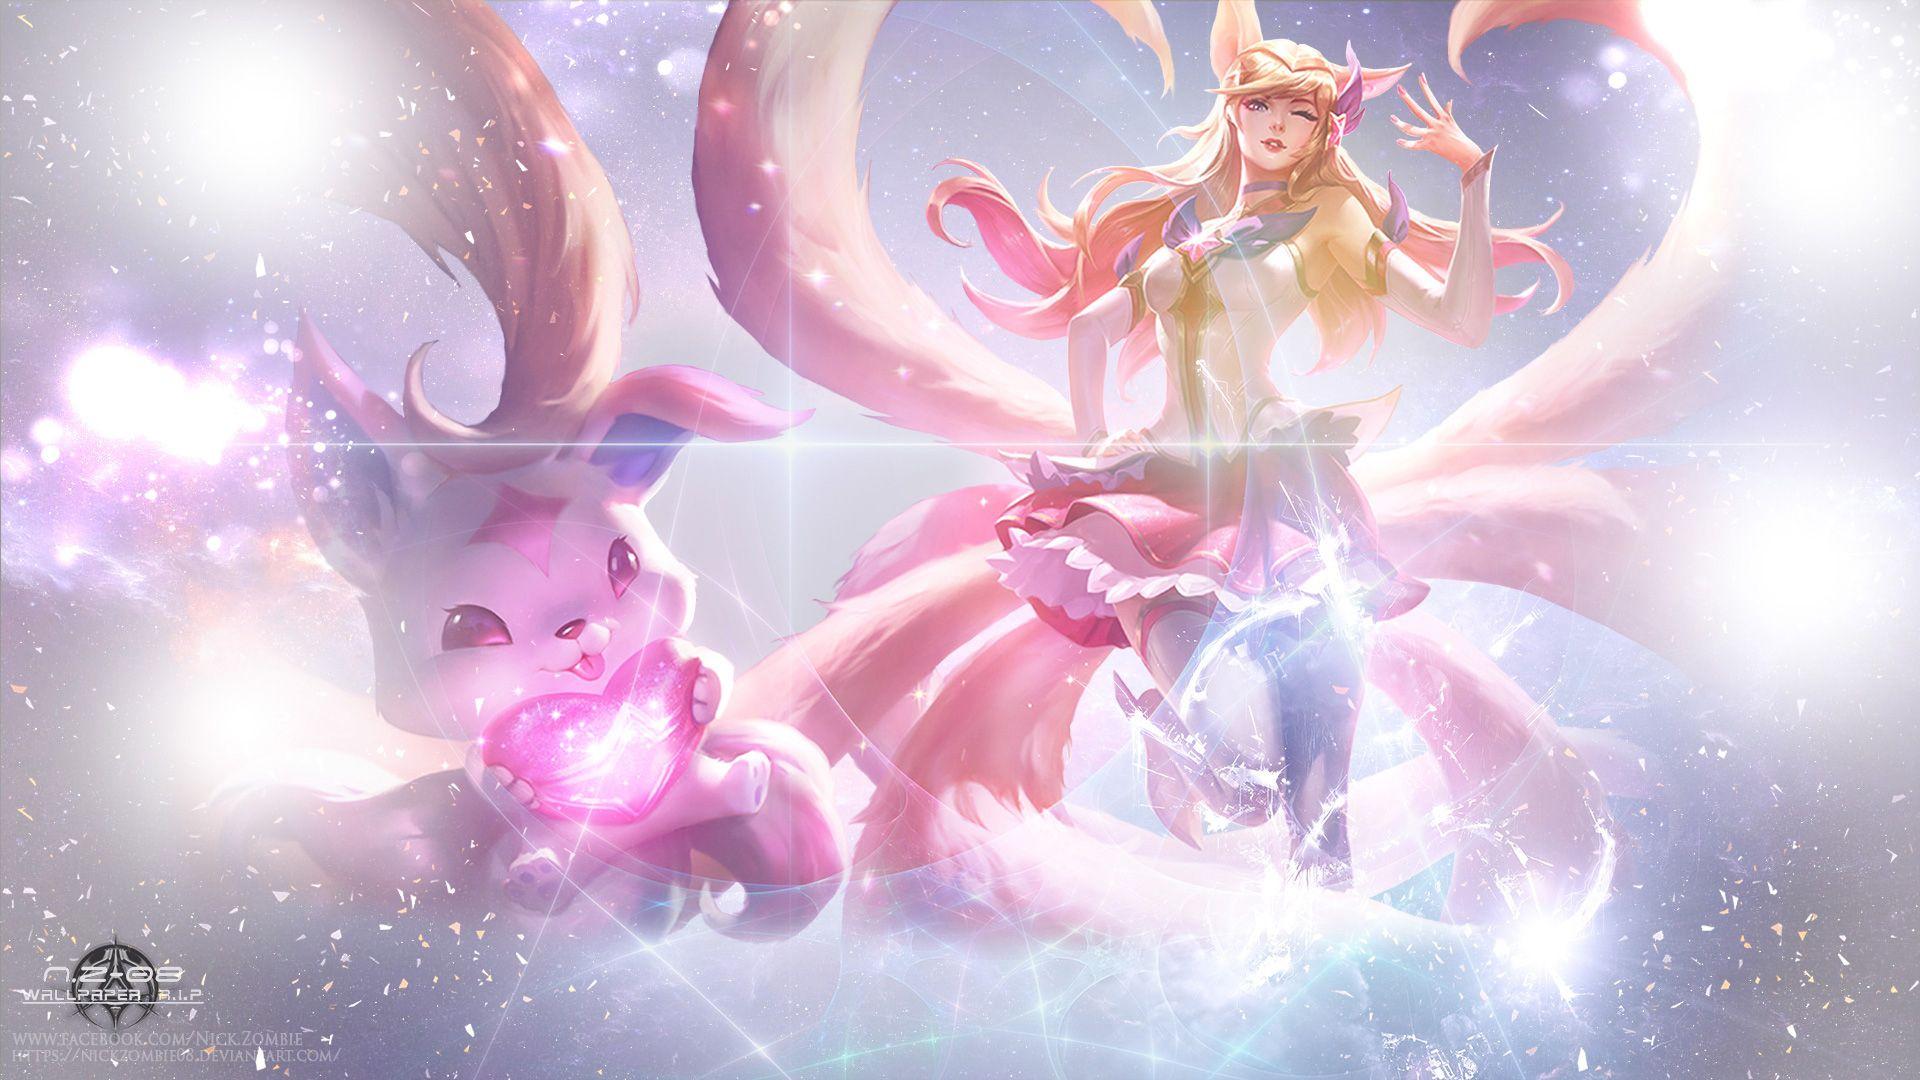 Star Guardian Ahri By Nickzombie08 Hd Wallpaper Background Fan Art Artwork League Of Legends Lol Bilder